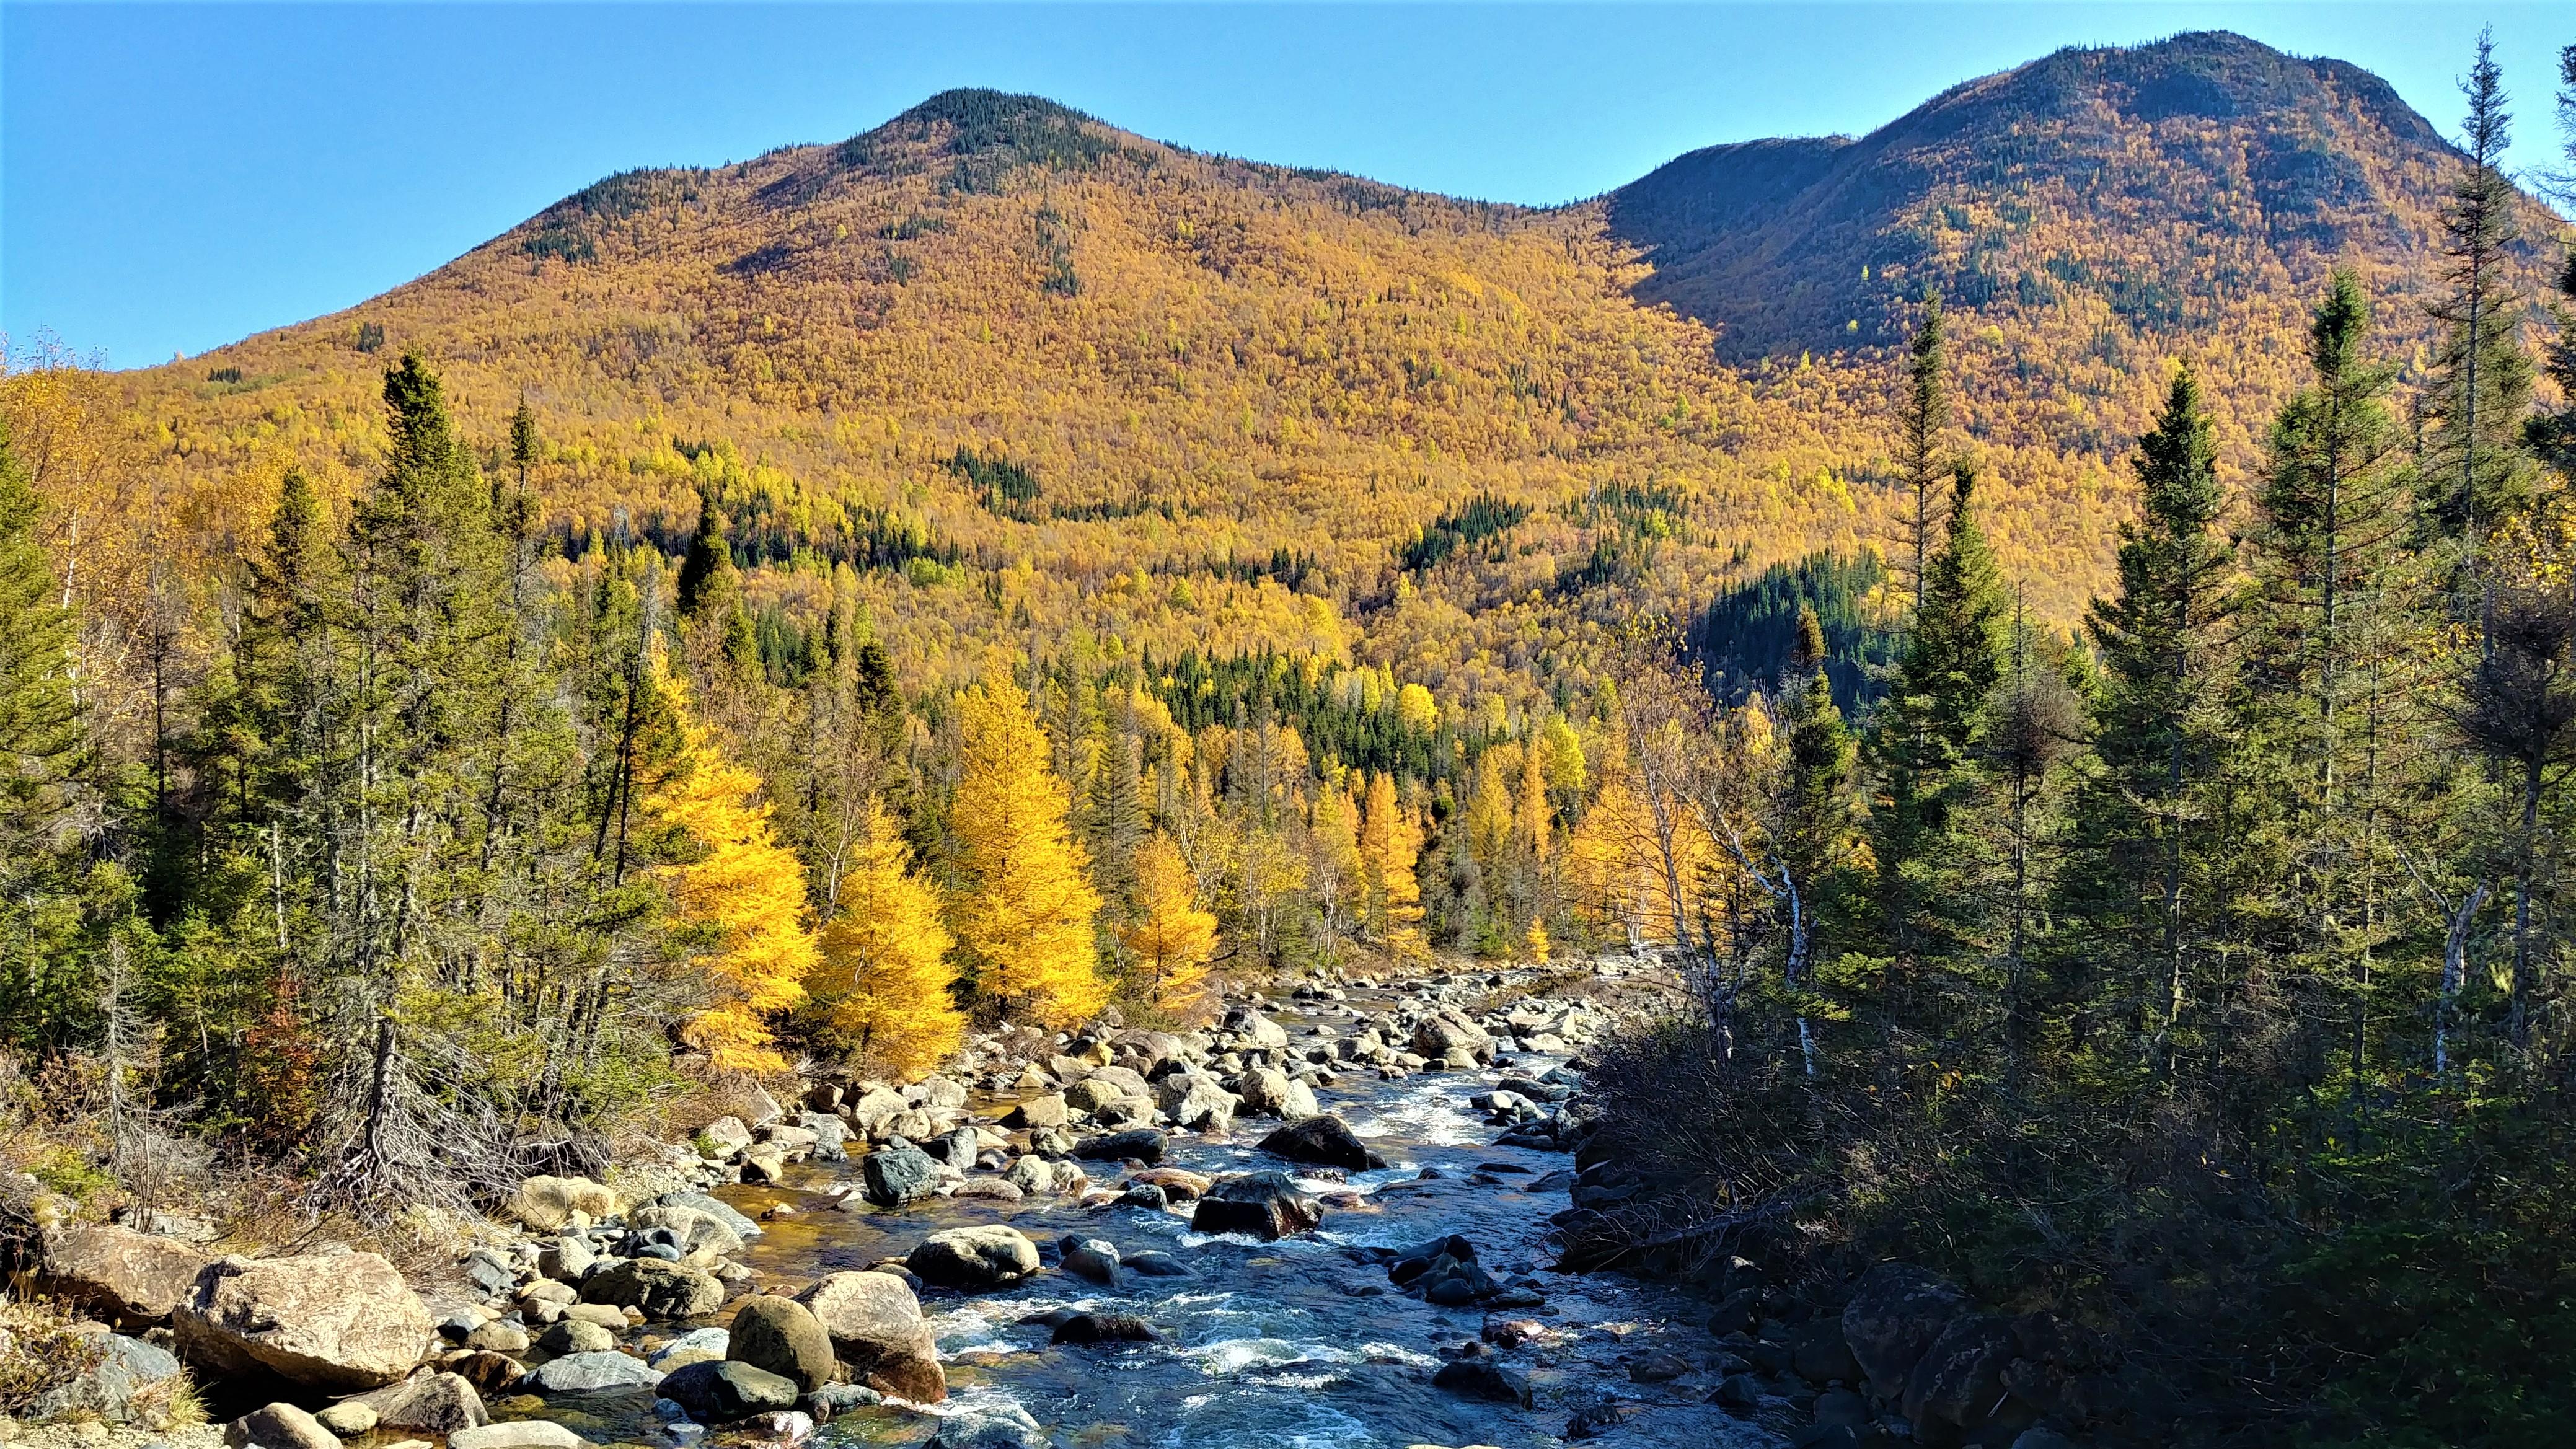 ruisseau du diable parc gaspsie randonnees automne blog voyage quebec arpenter le chemin